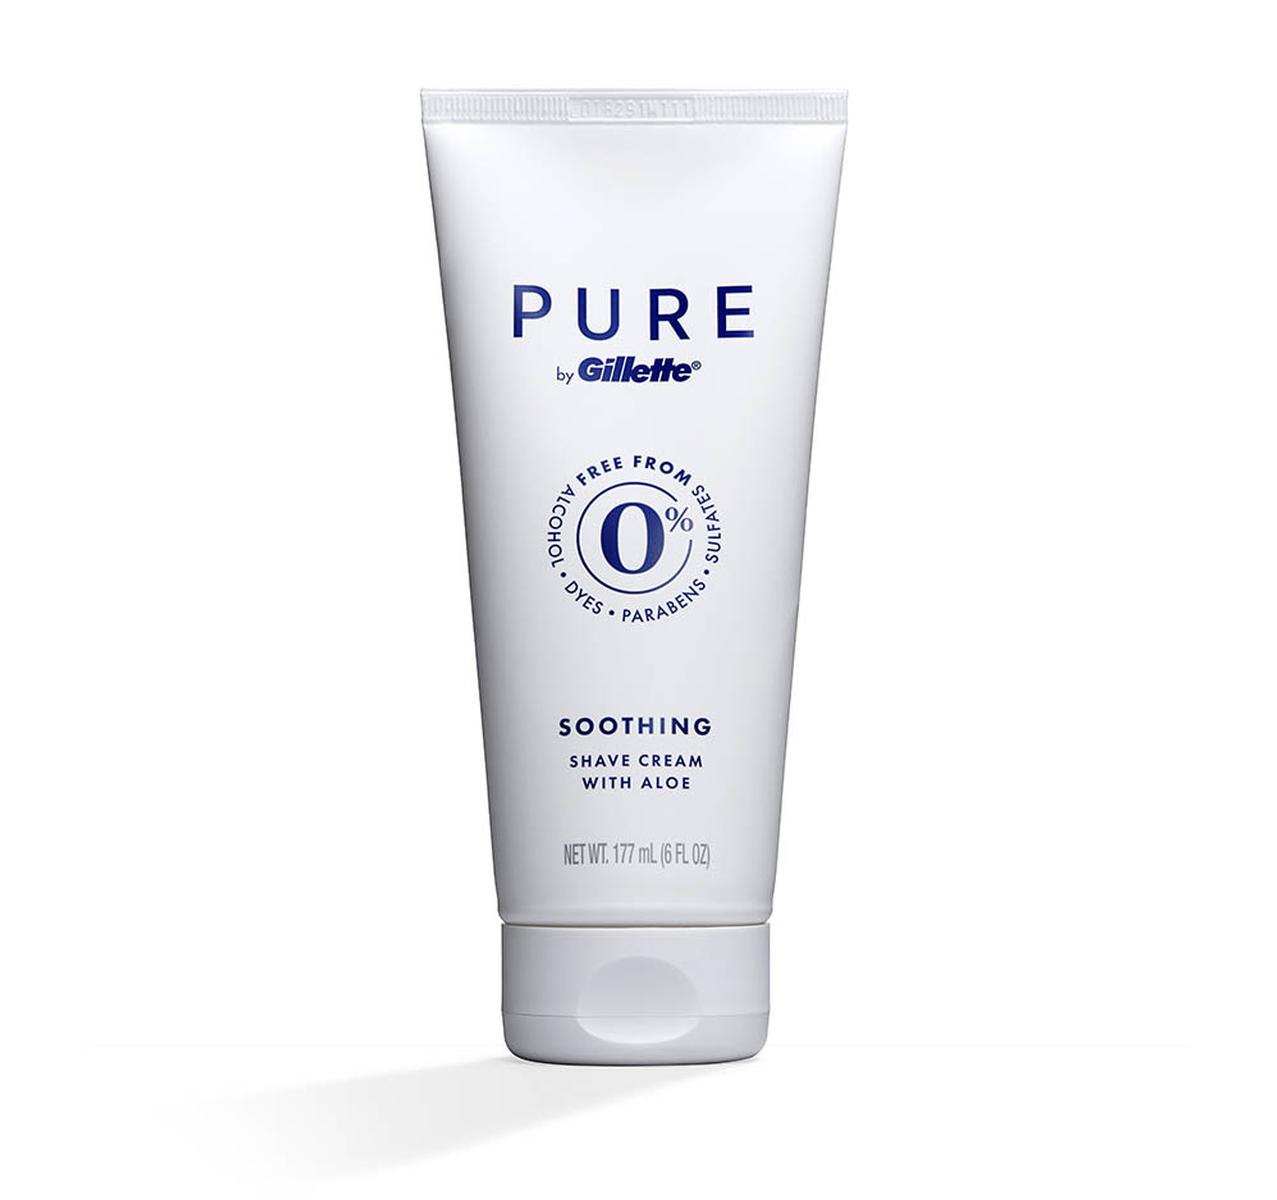 Gillette - Pure - Cream image